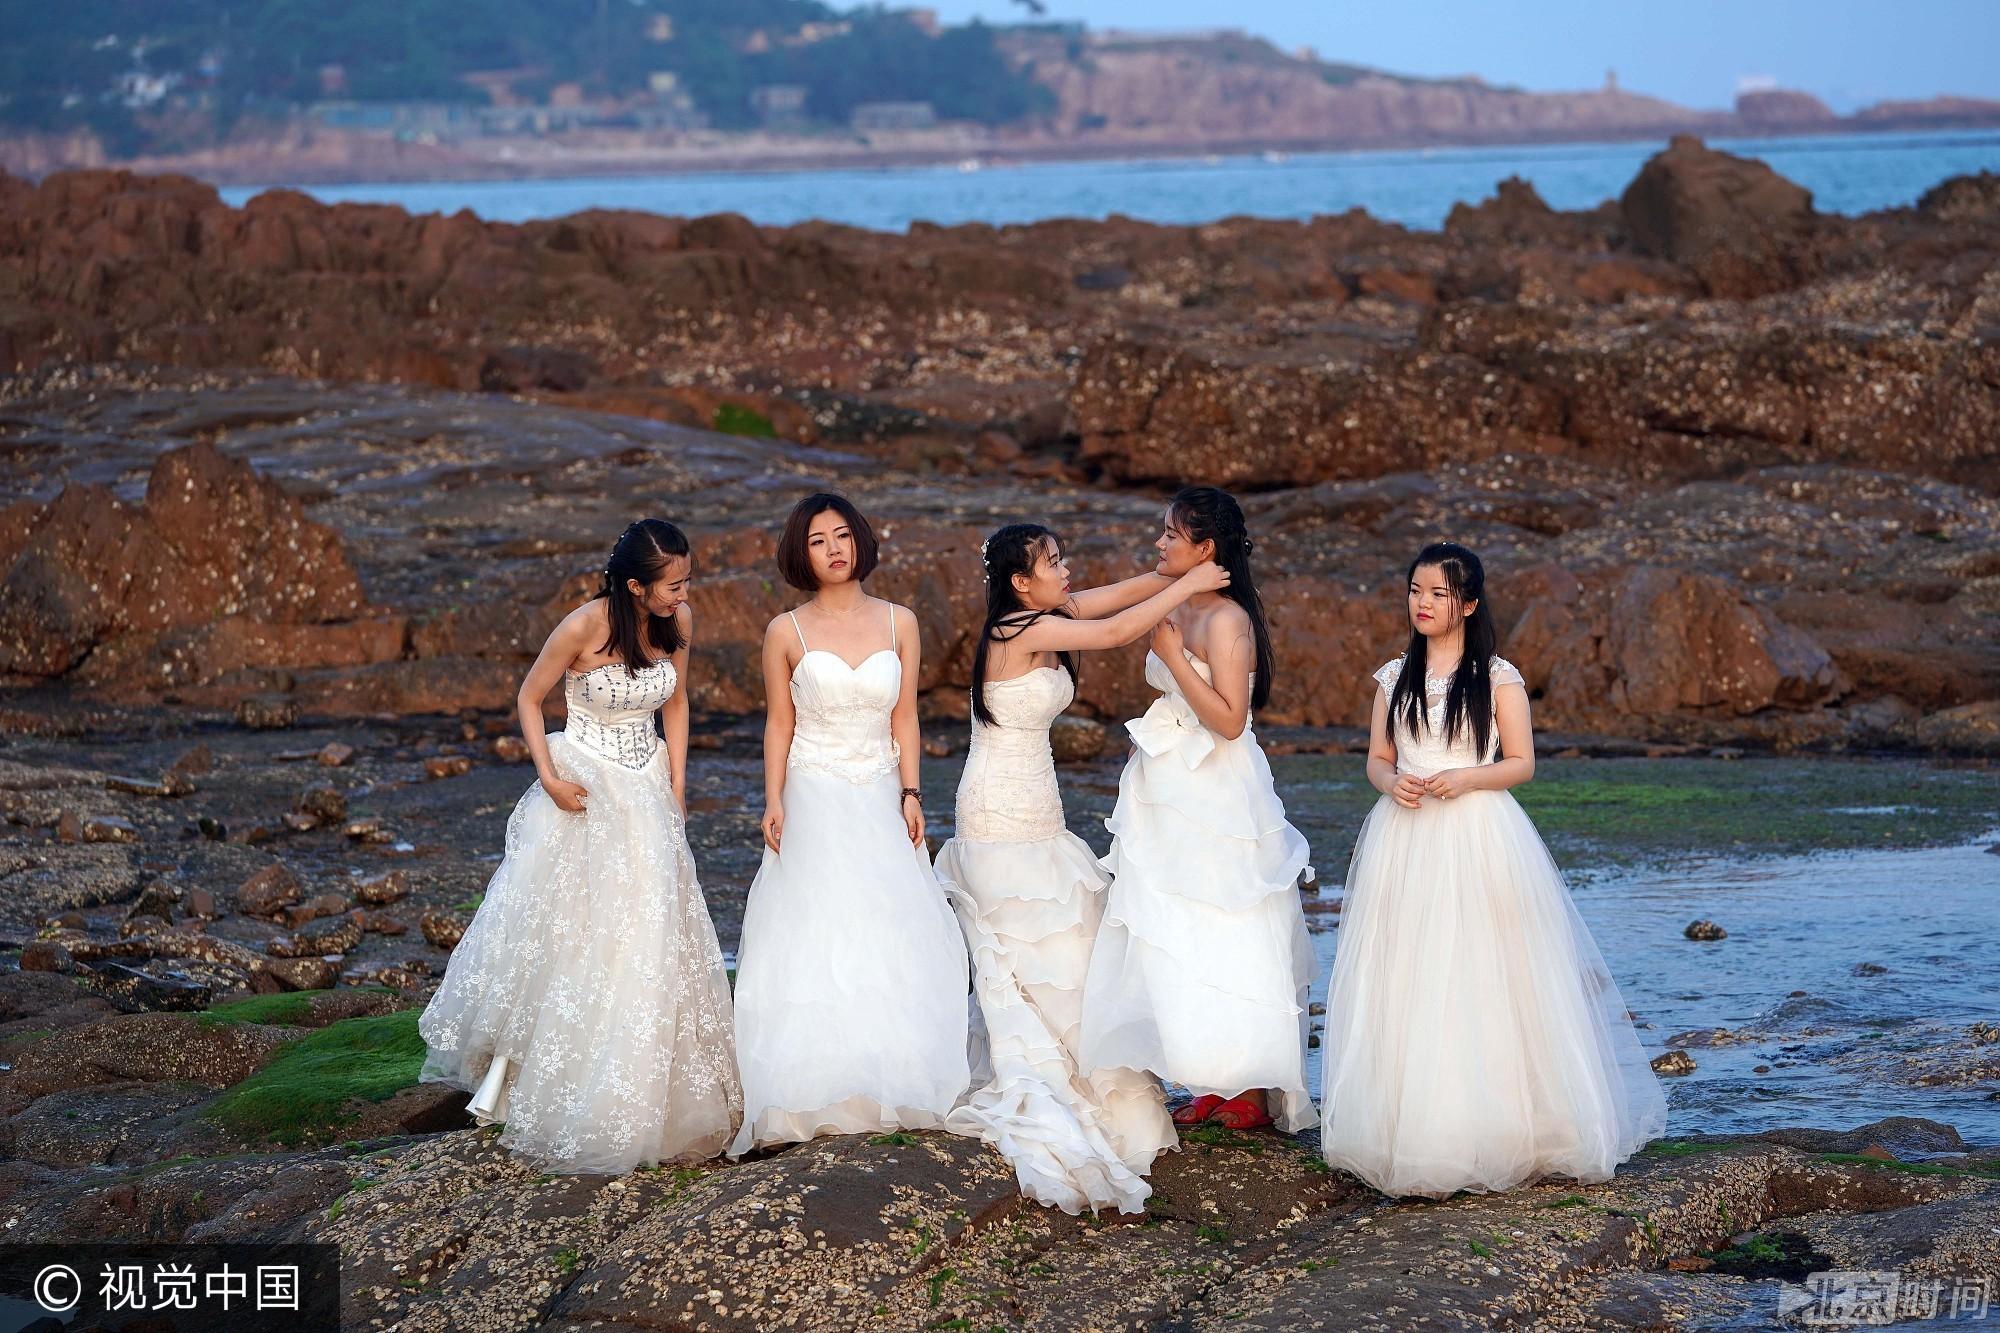 青岛女大学生身着婚纱拍摄毕业纪念照